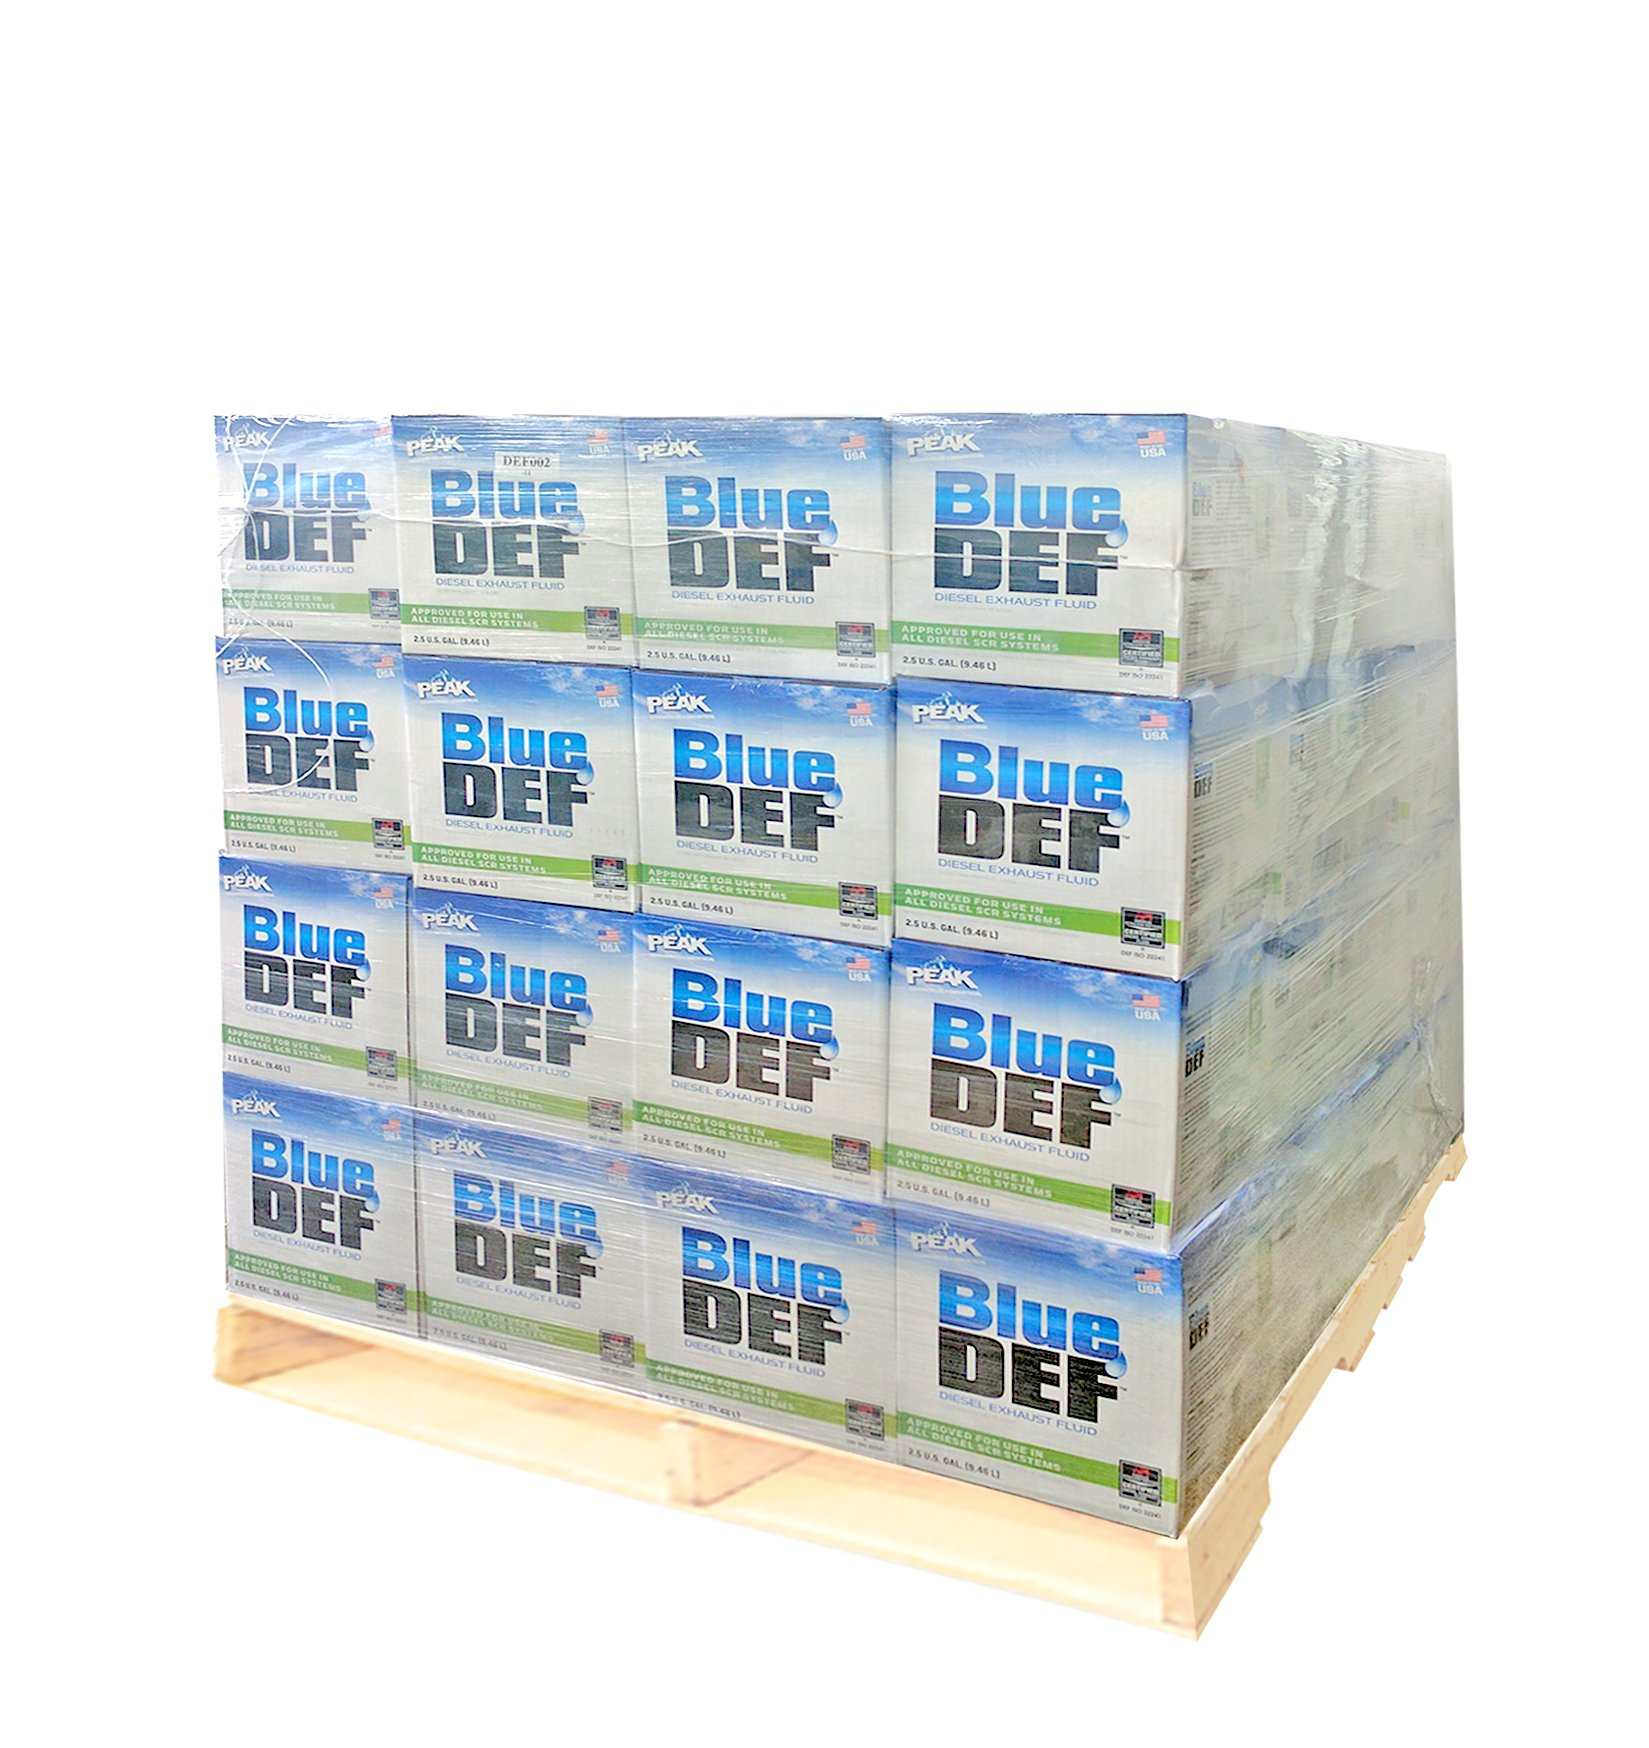 (Pack of 30) BlueDEF DEF002 Diesel Exhaust Fluid - 2.5 Gallon Jug by Peak